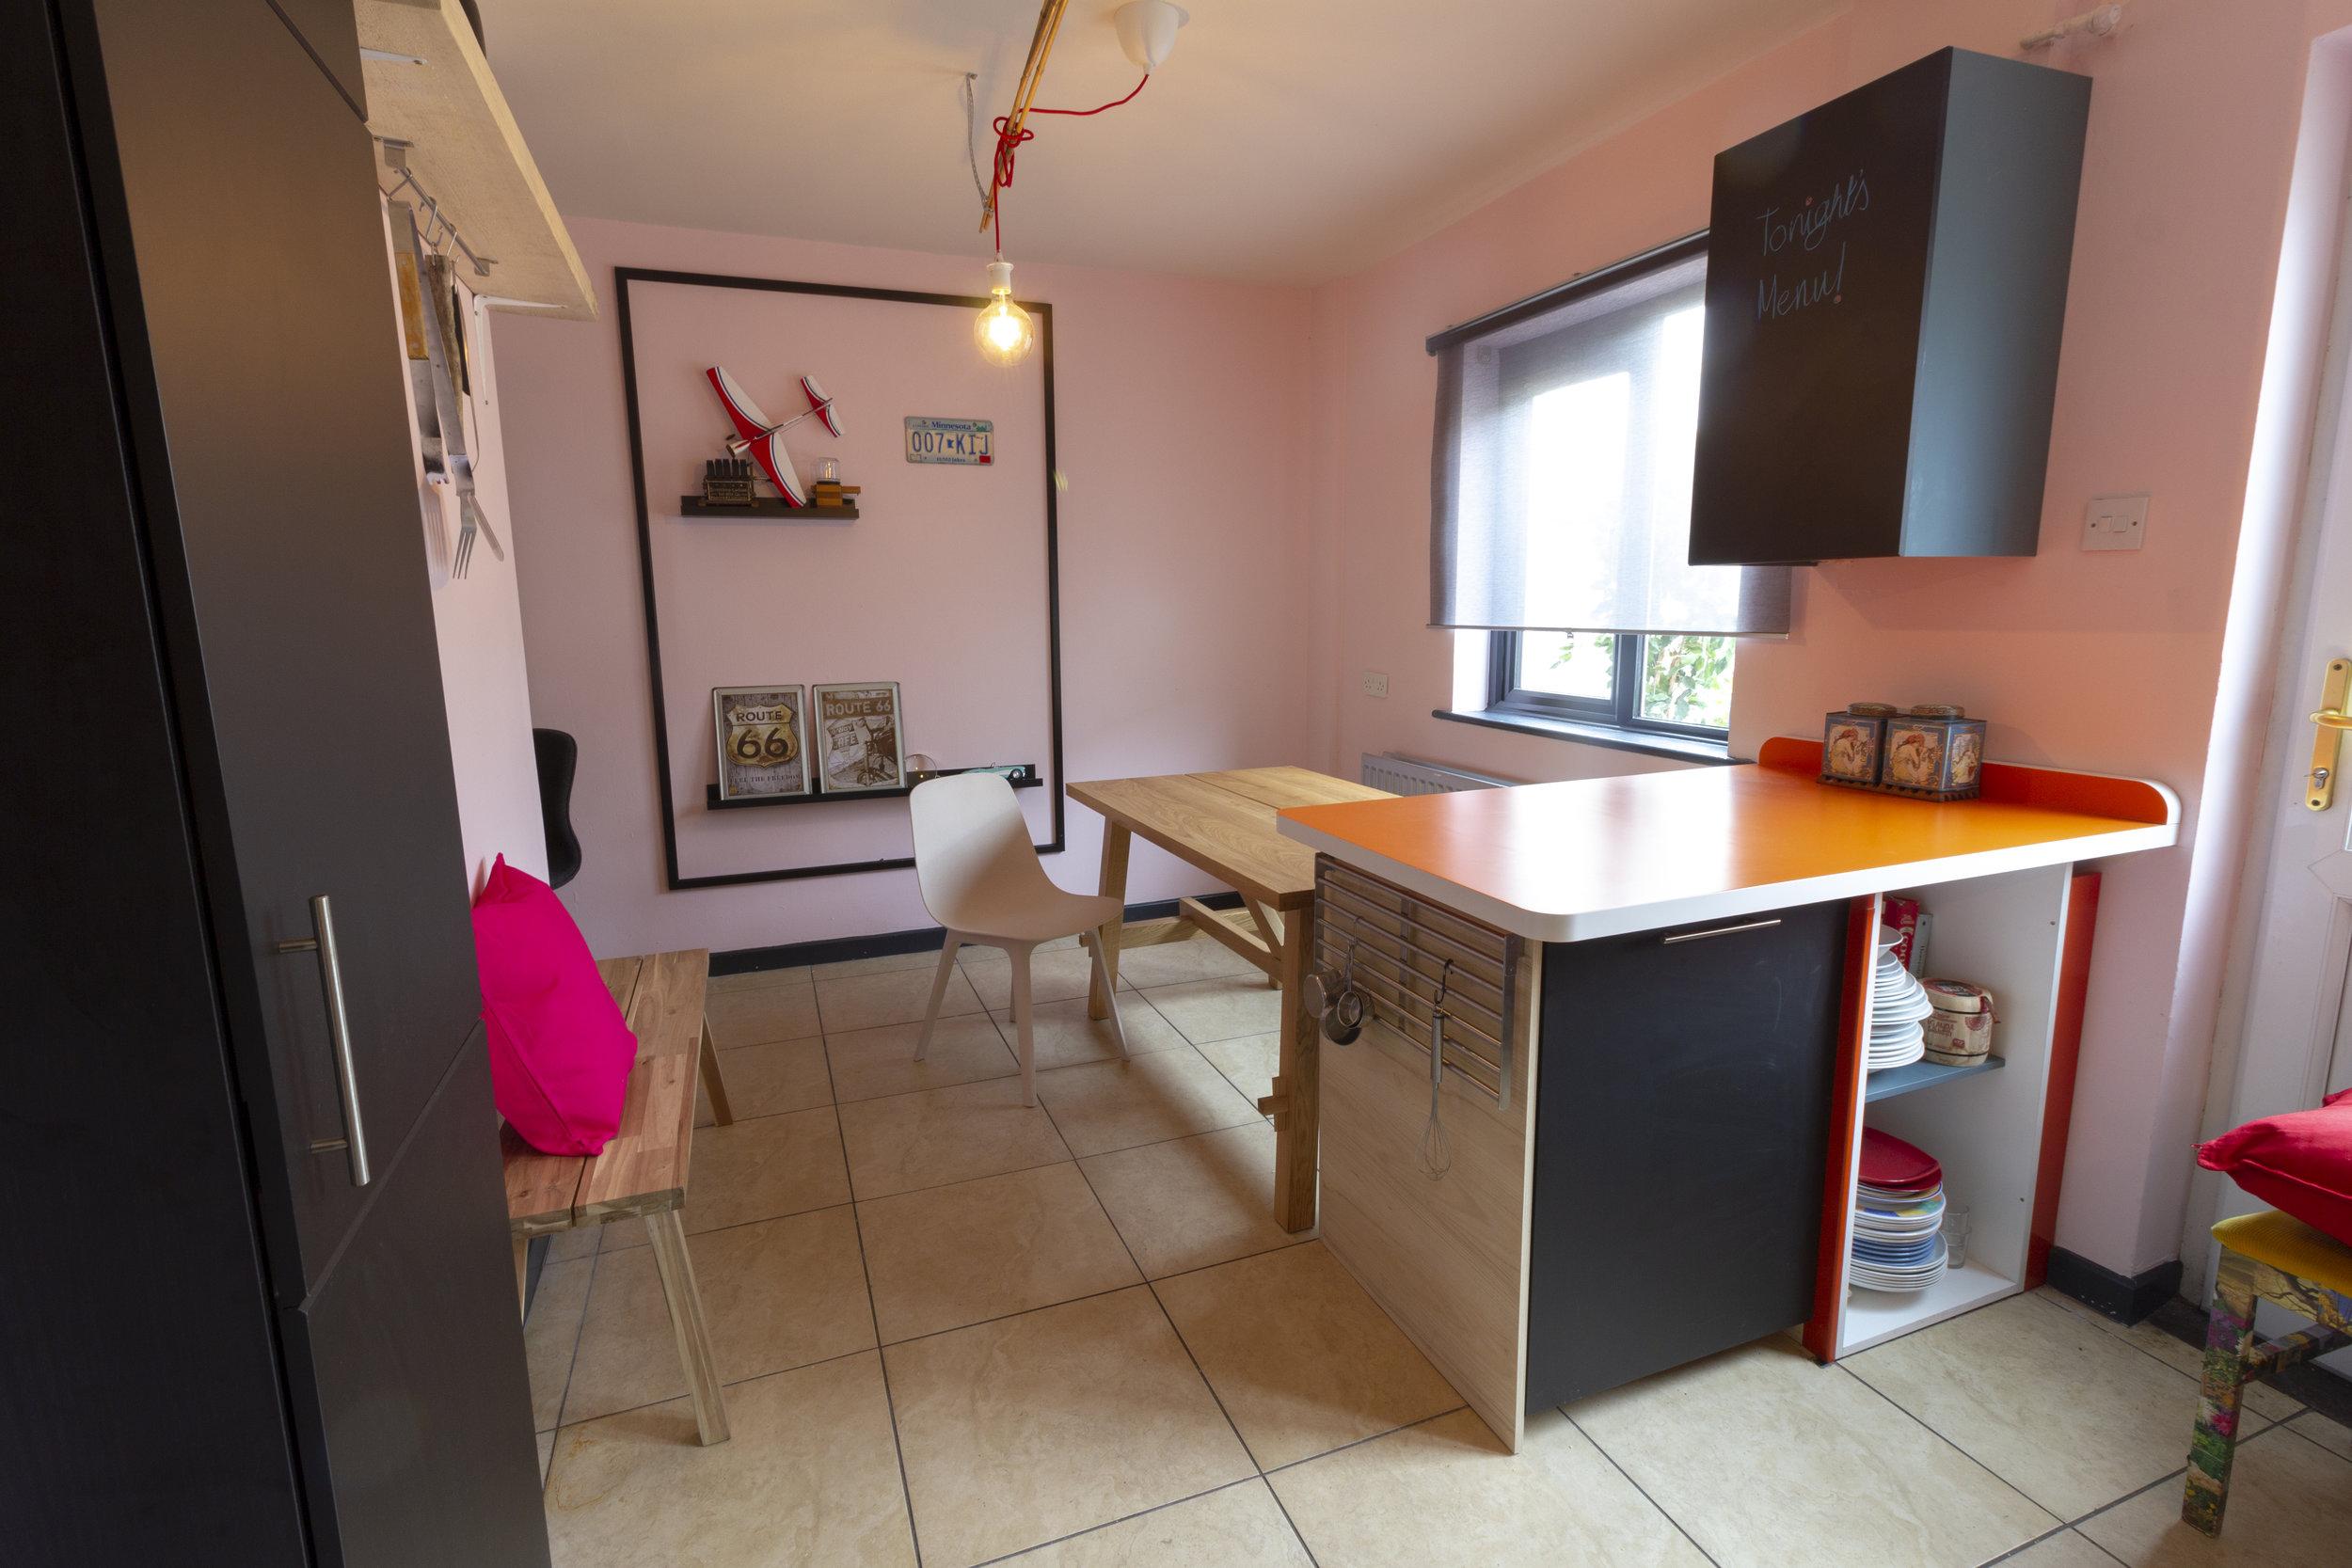 HR - Laytown - After - Kitchen 5.jpg